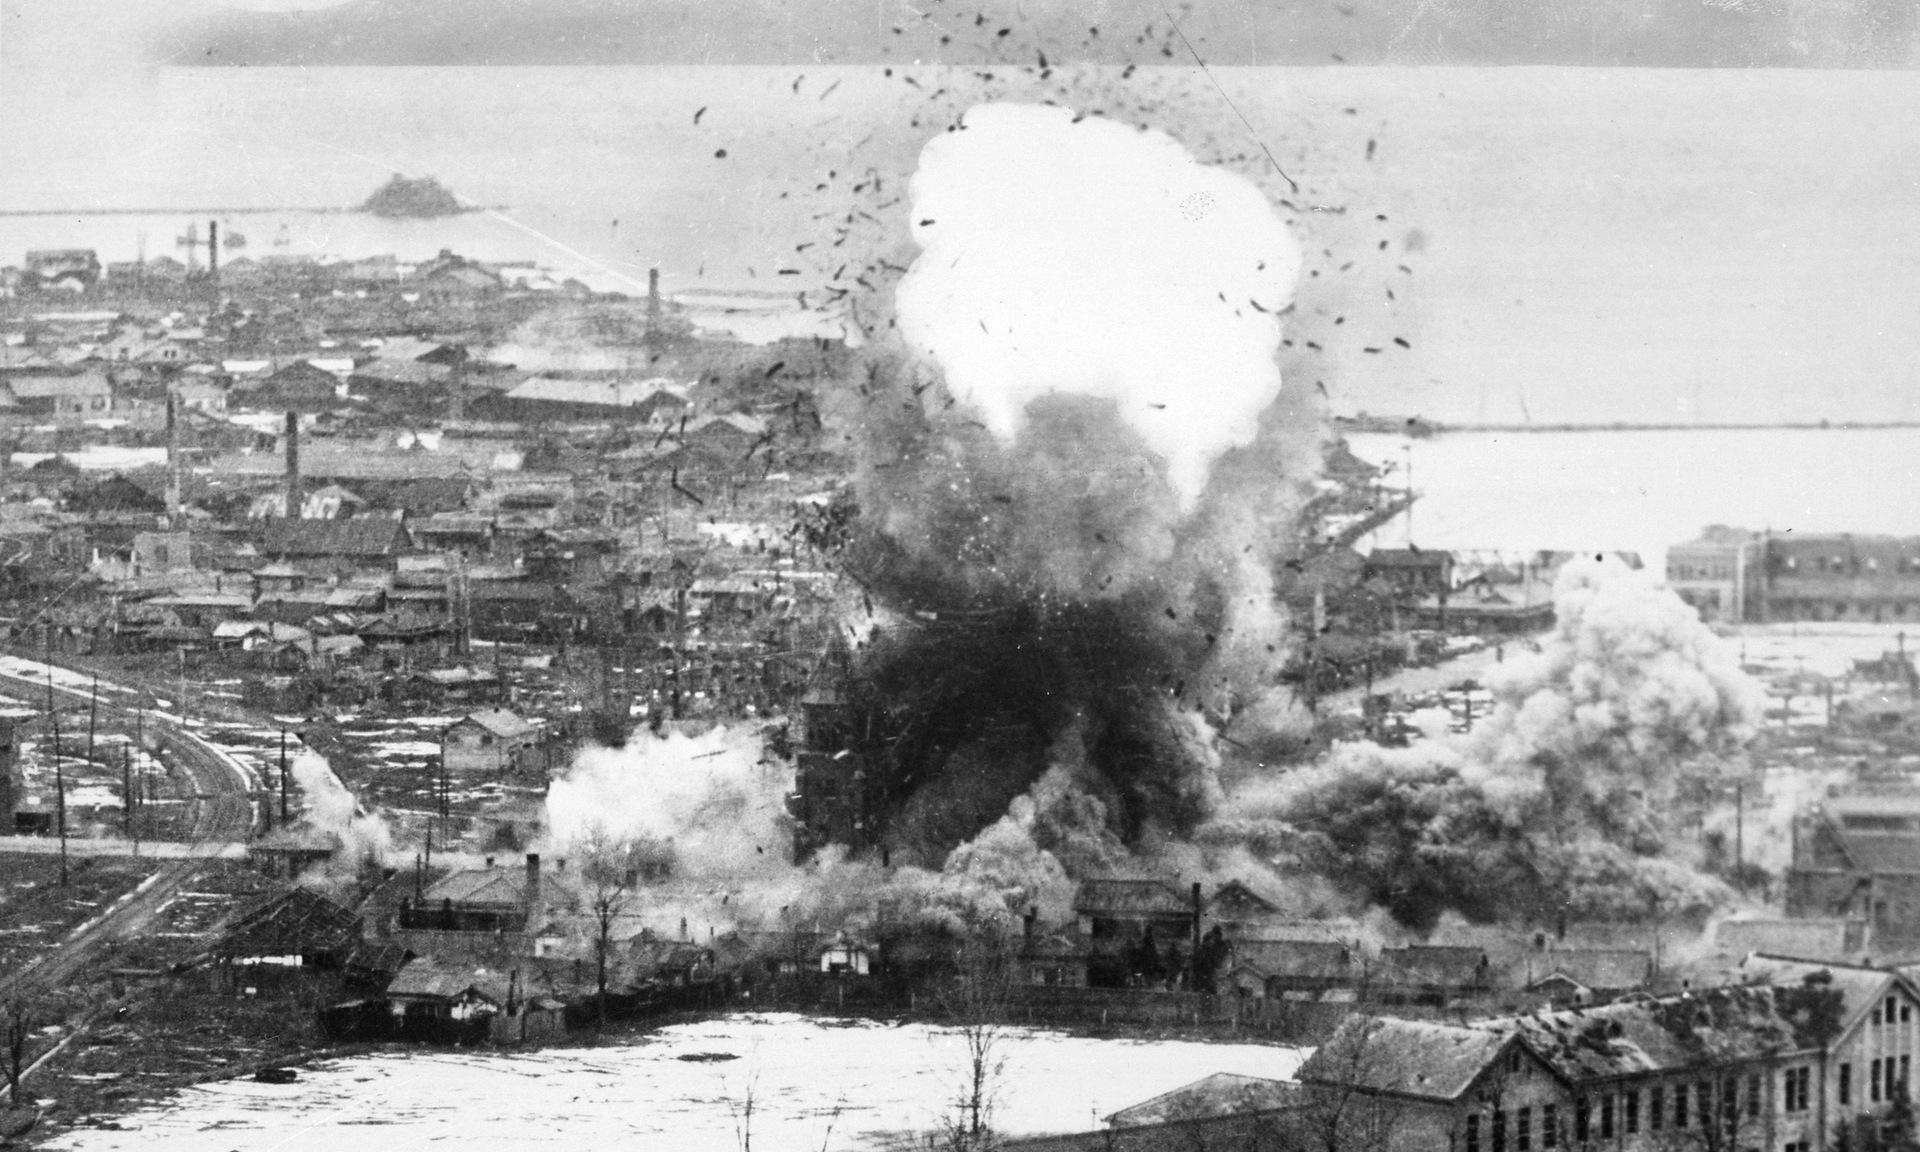 Triều Tiên bắt giữ tàu USS Pueblo, Mỹ lên kế hoạch tấn công hạt nhân - Ảnh 11.